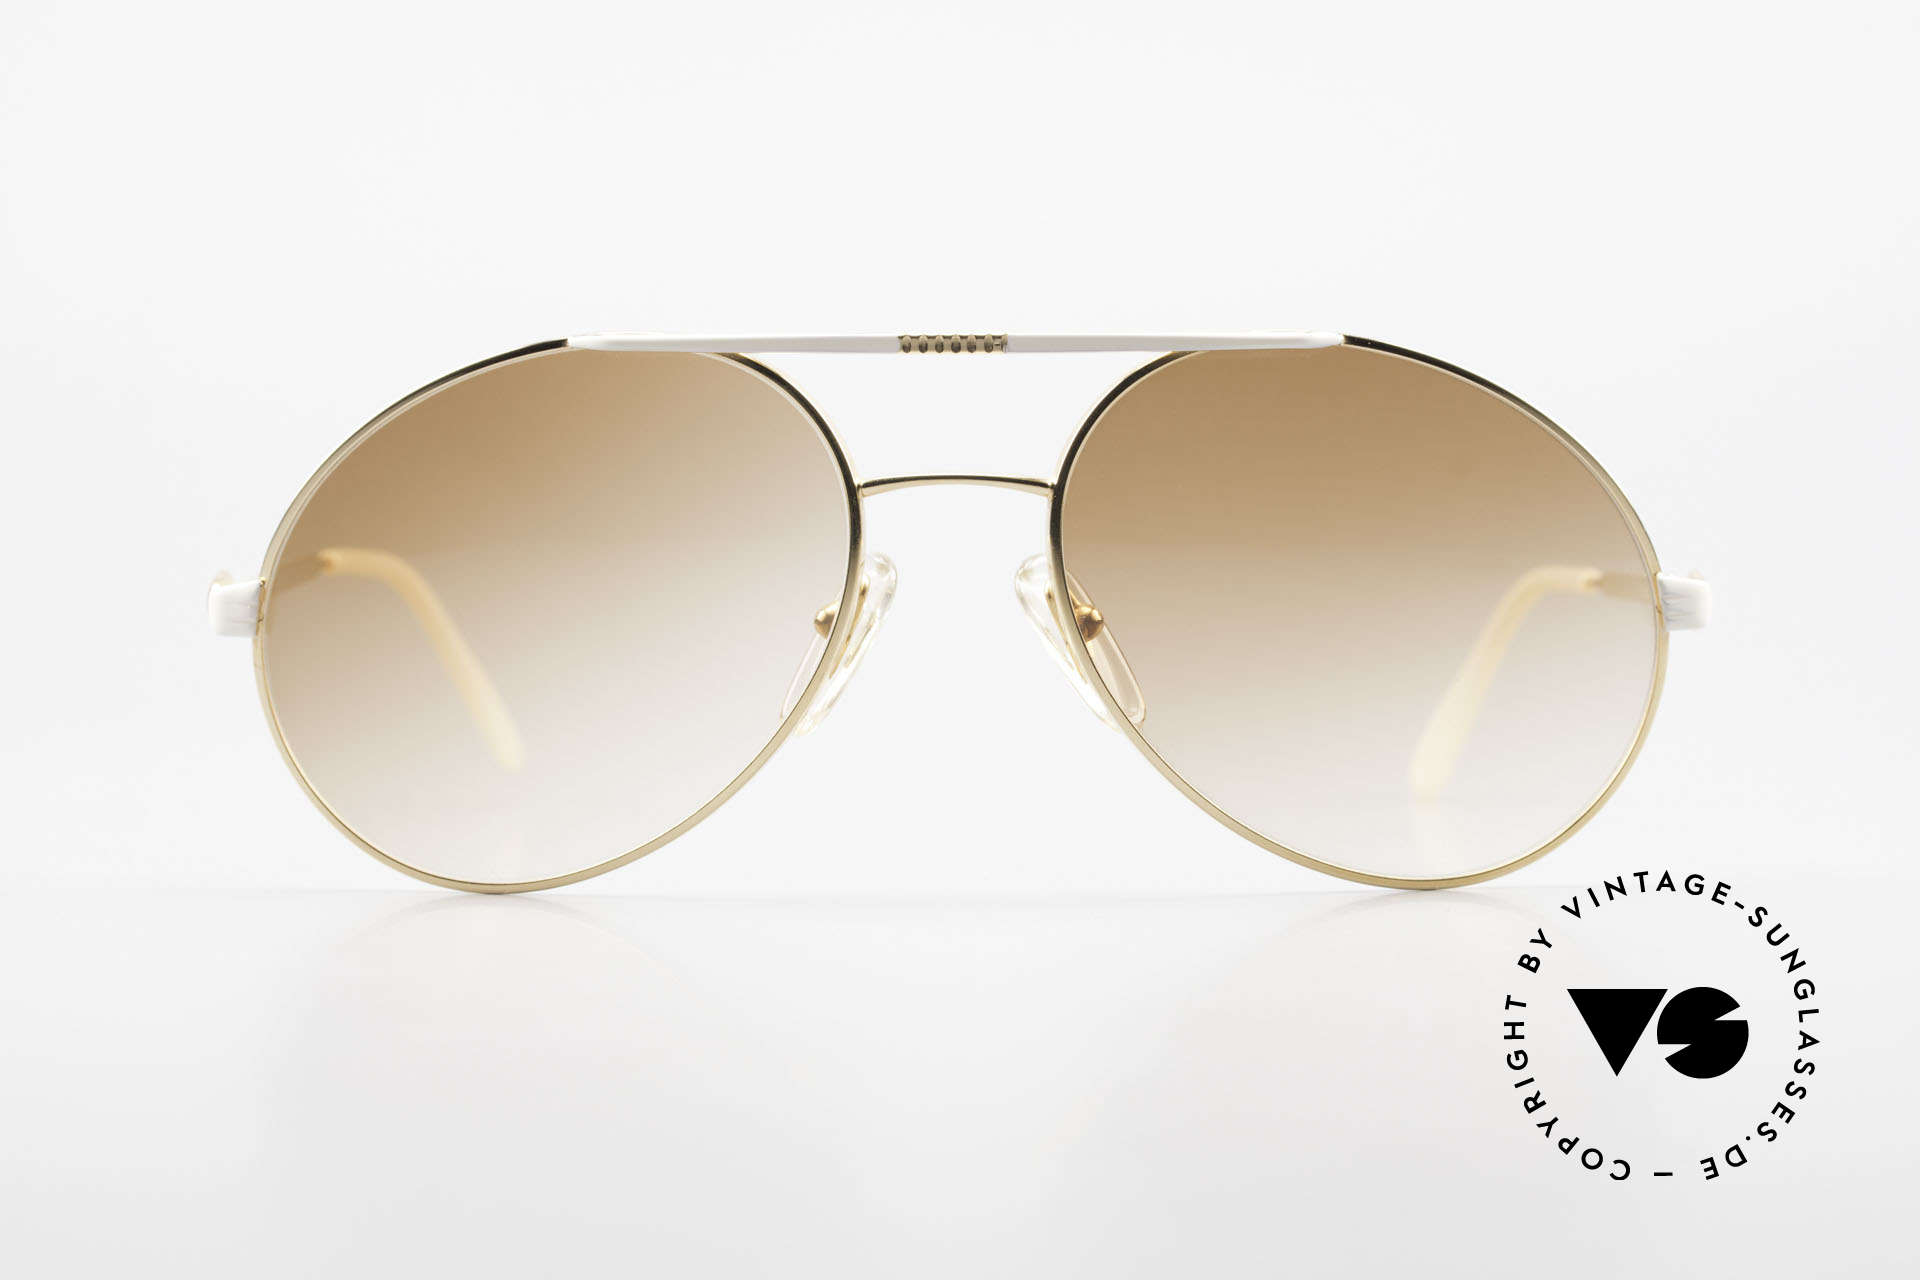 Bugatti 64317 Men's Sunglasses 80's Vintage, classic Bugatti design from 1983 - NO retro!, Made for Men